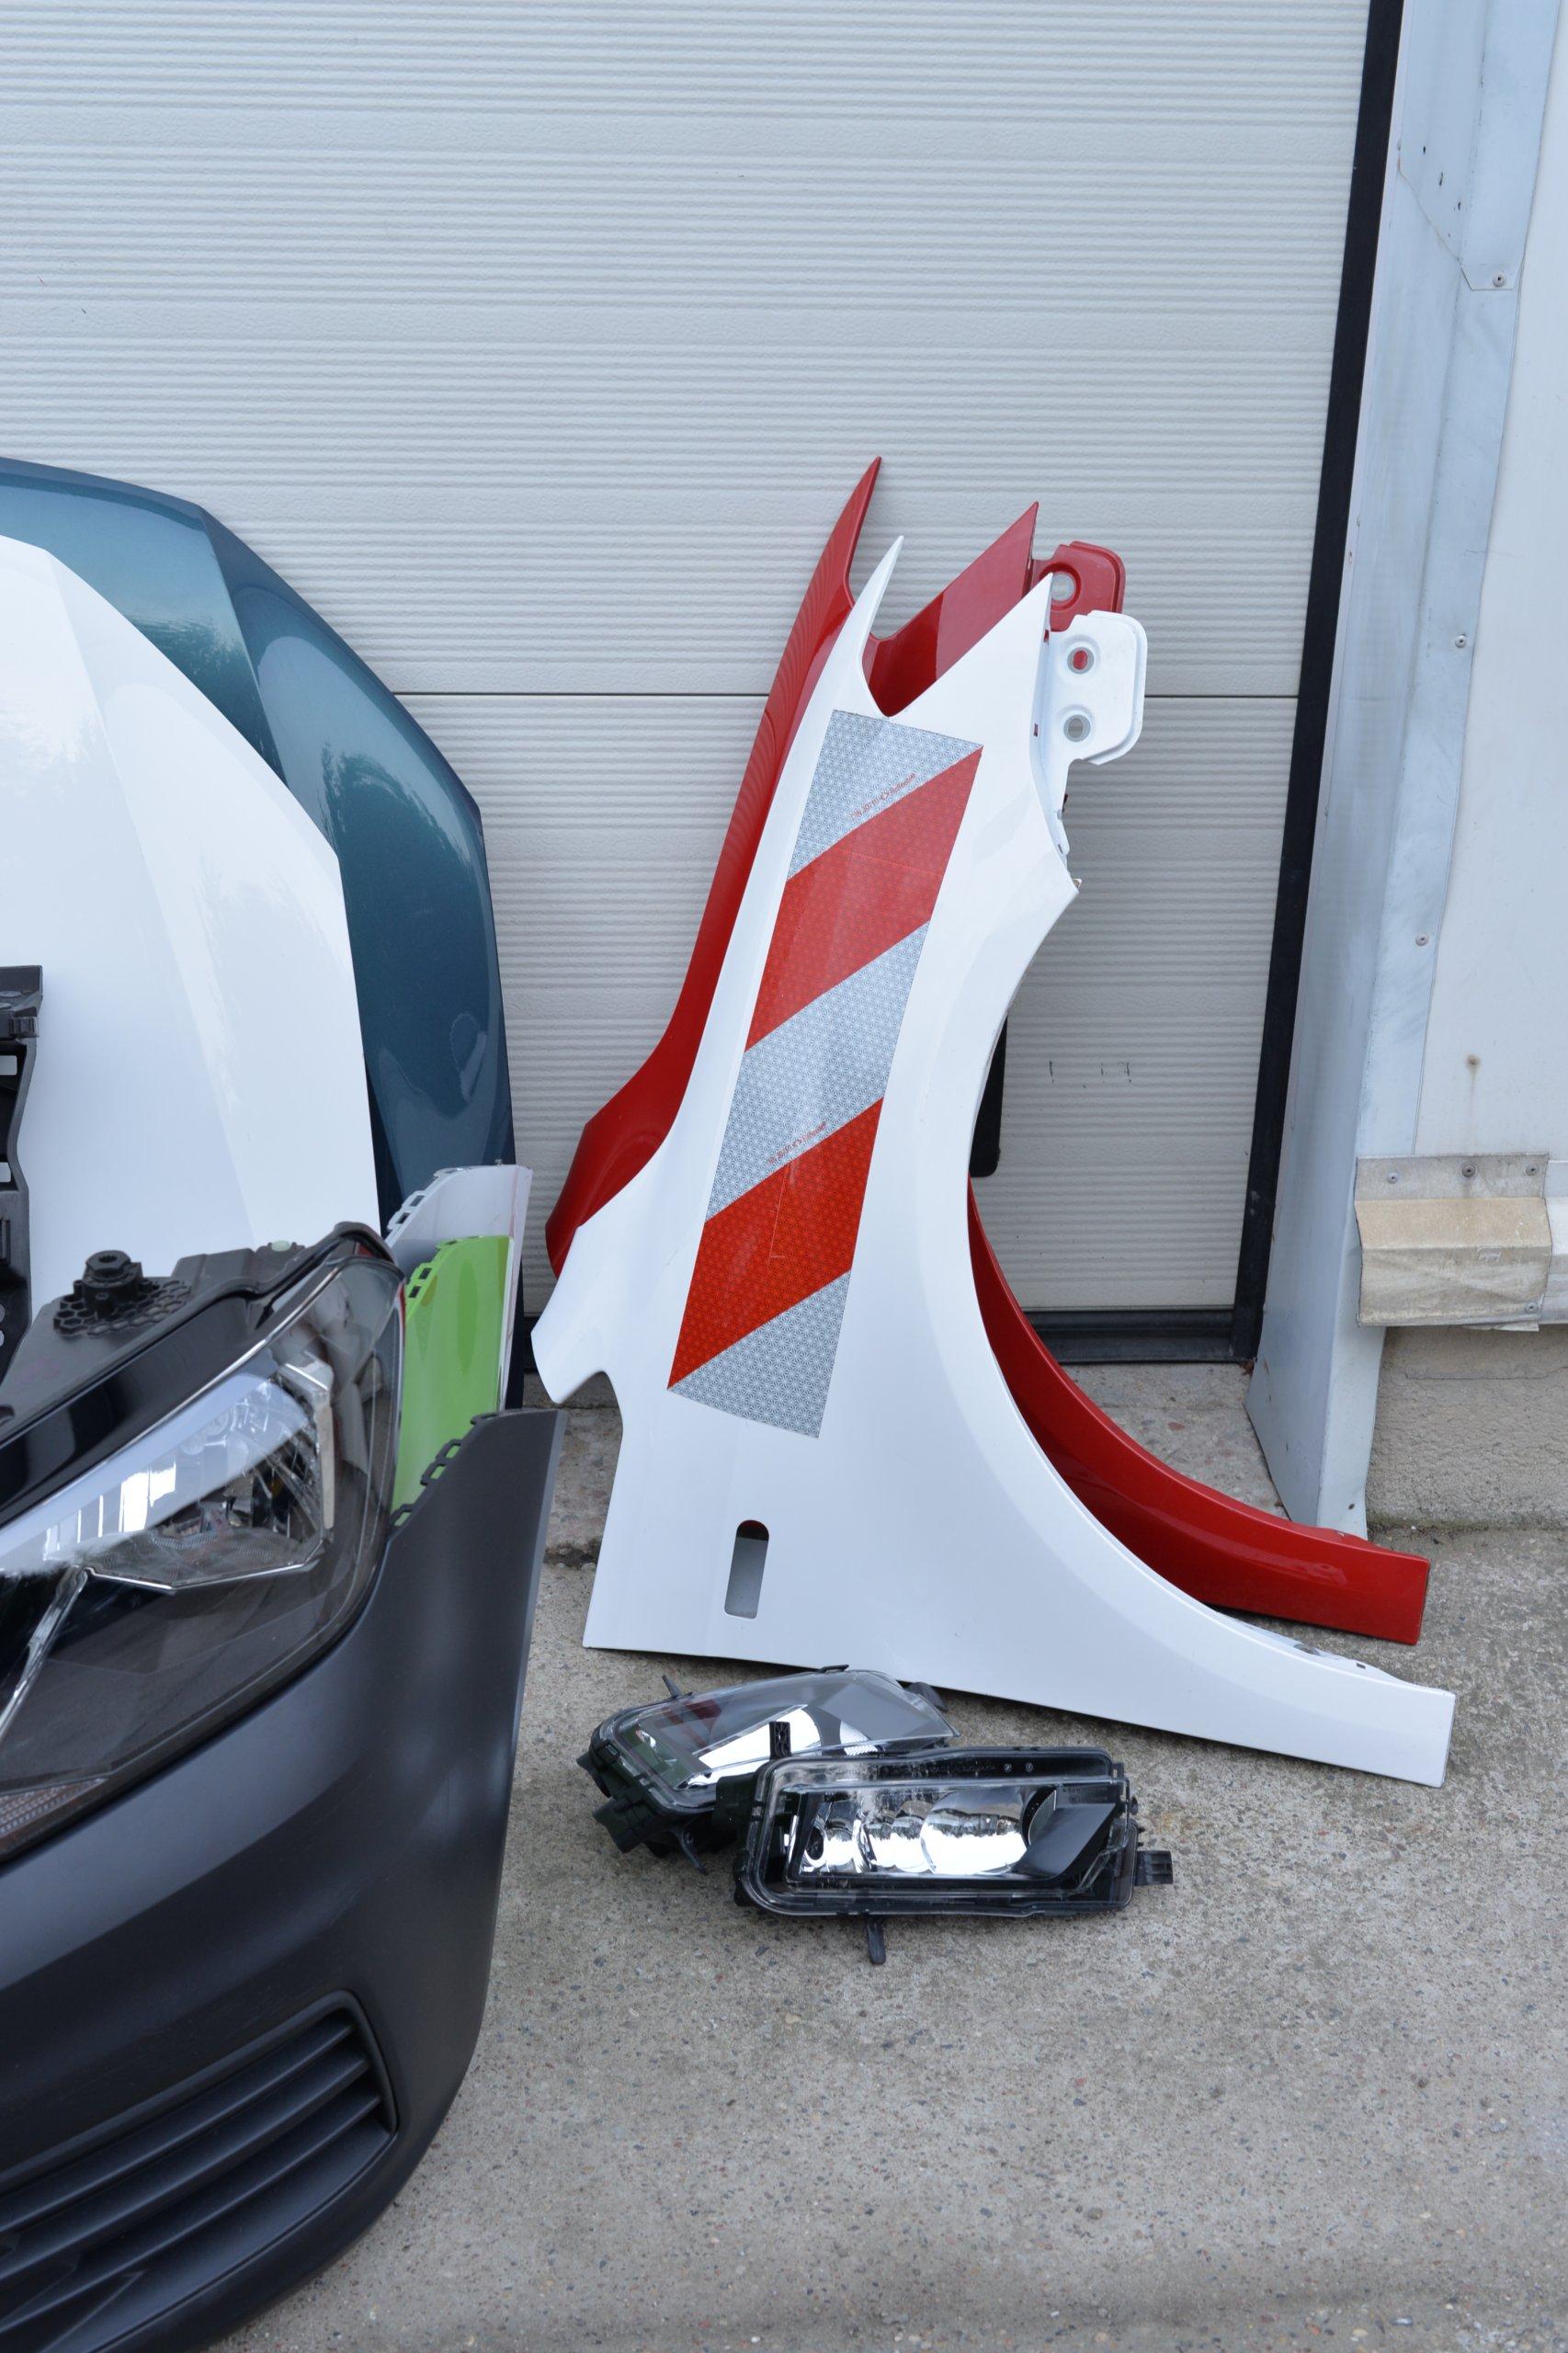 [КАПОТ ZDERZAK КРЫЛО LAMPA PAS VW CADDY 2015- 2K5 из Польши]изображение 9